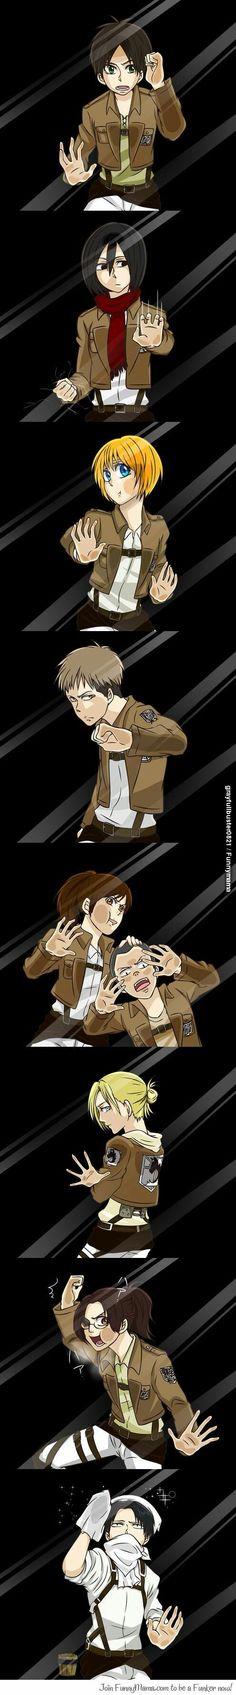 Eren, Mikasa, Armin, Jean, Sasha, Connie, Annie, Hanji, Levi, Attack on titan, AOT, SNK